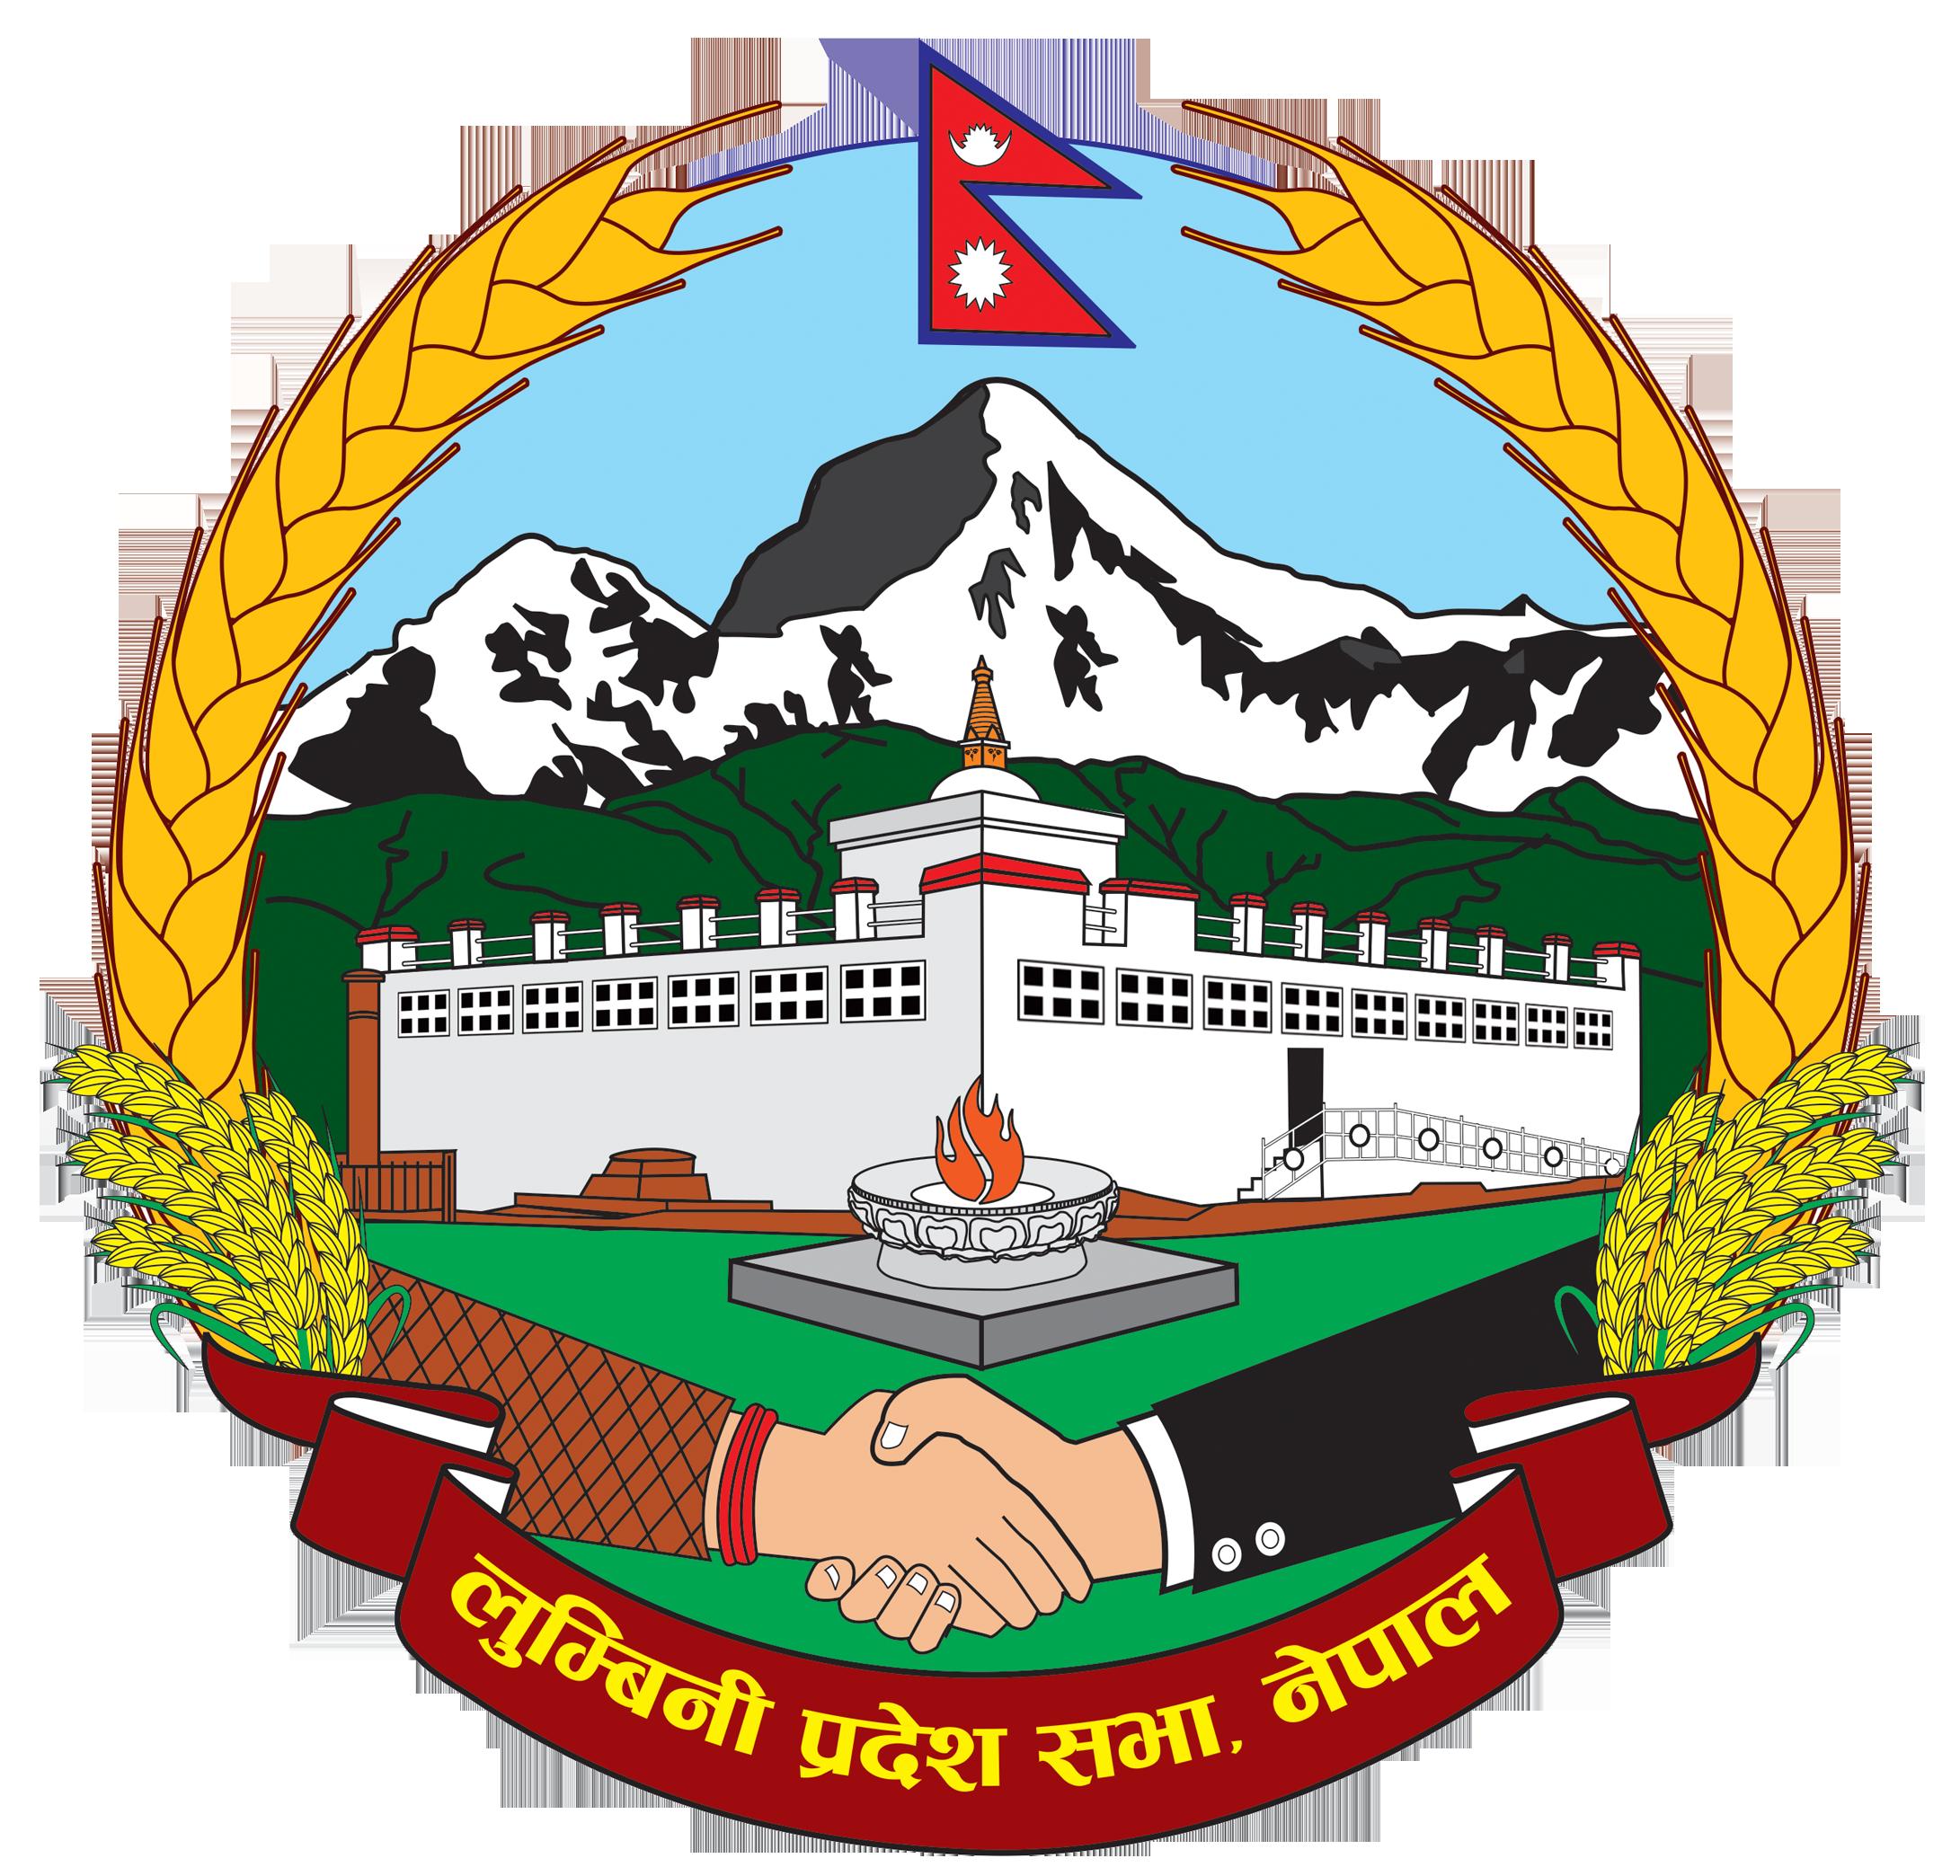 लुम्बिनीमा अविश्वासको प्रस्ताव टेवल हुँदै, फ्लोर क्रस नभए मुख्यमन्त्री पोखरेलको सरकार जोगिने